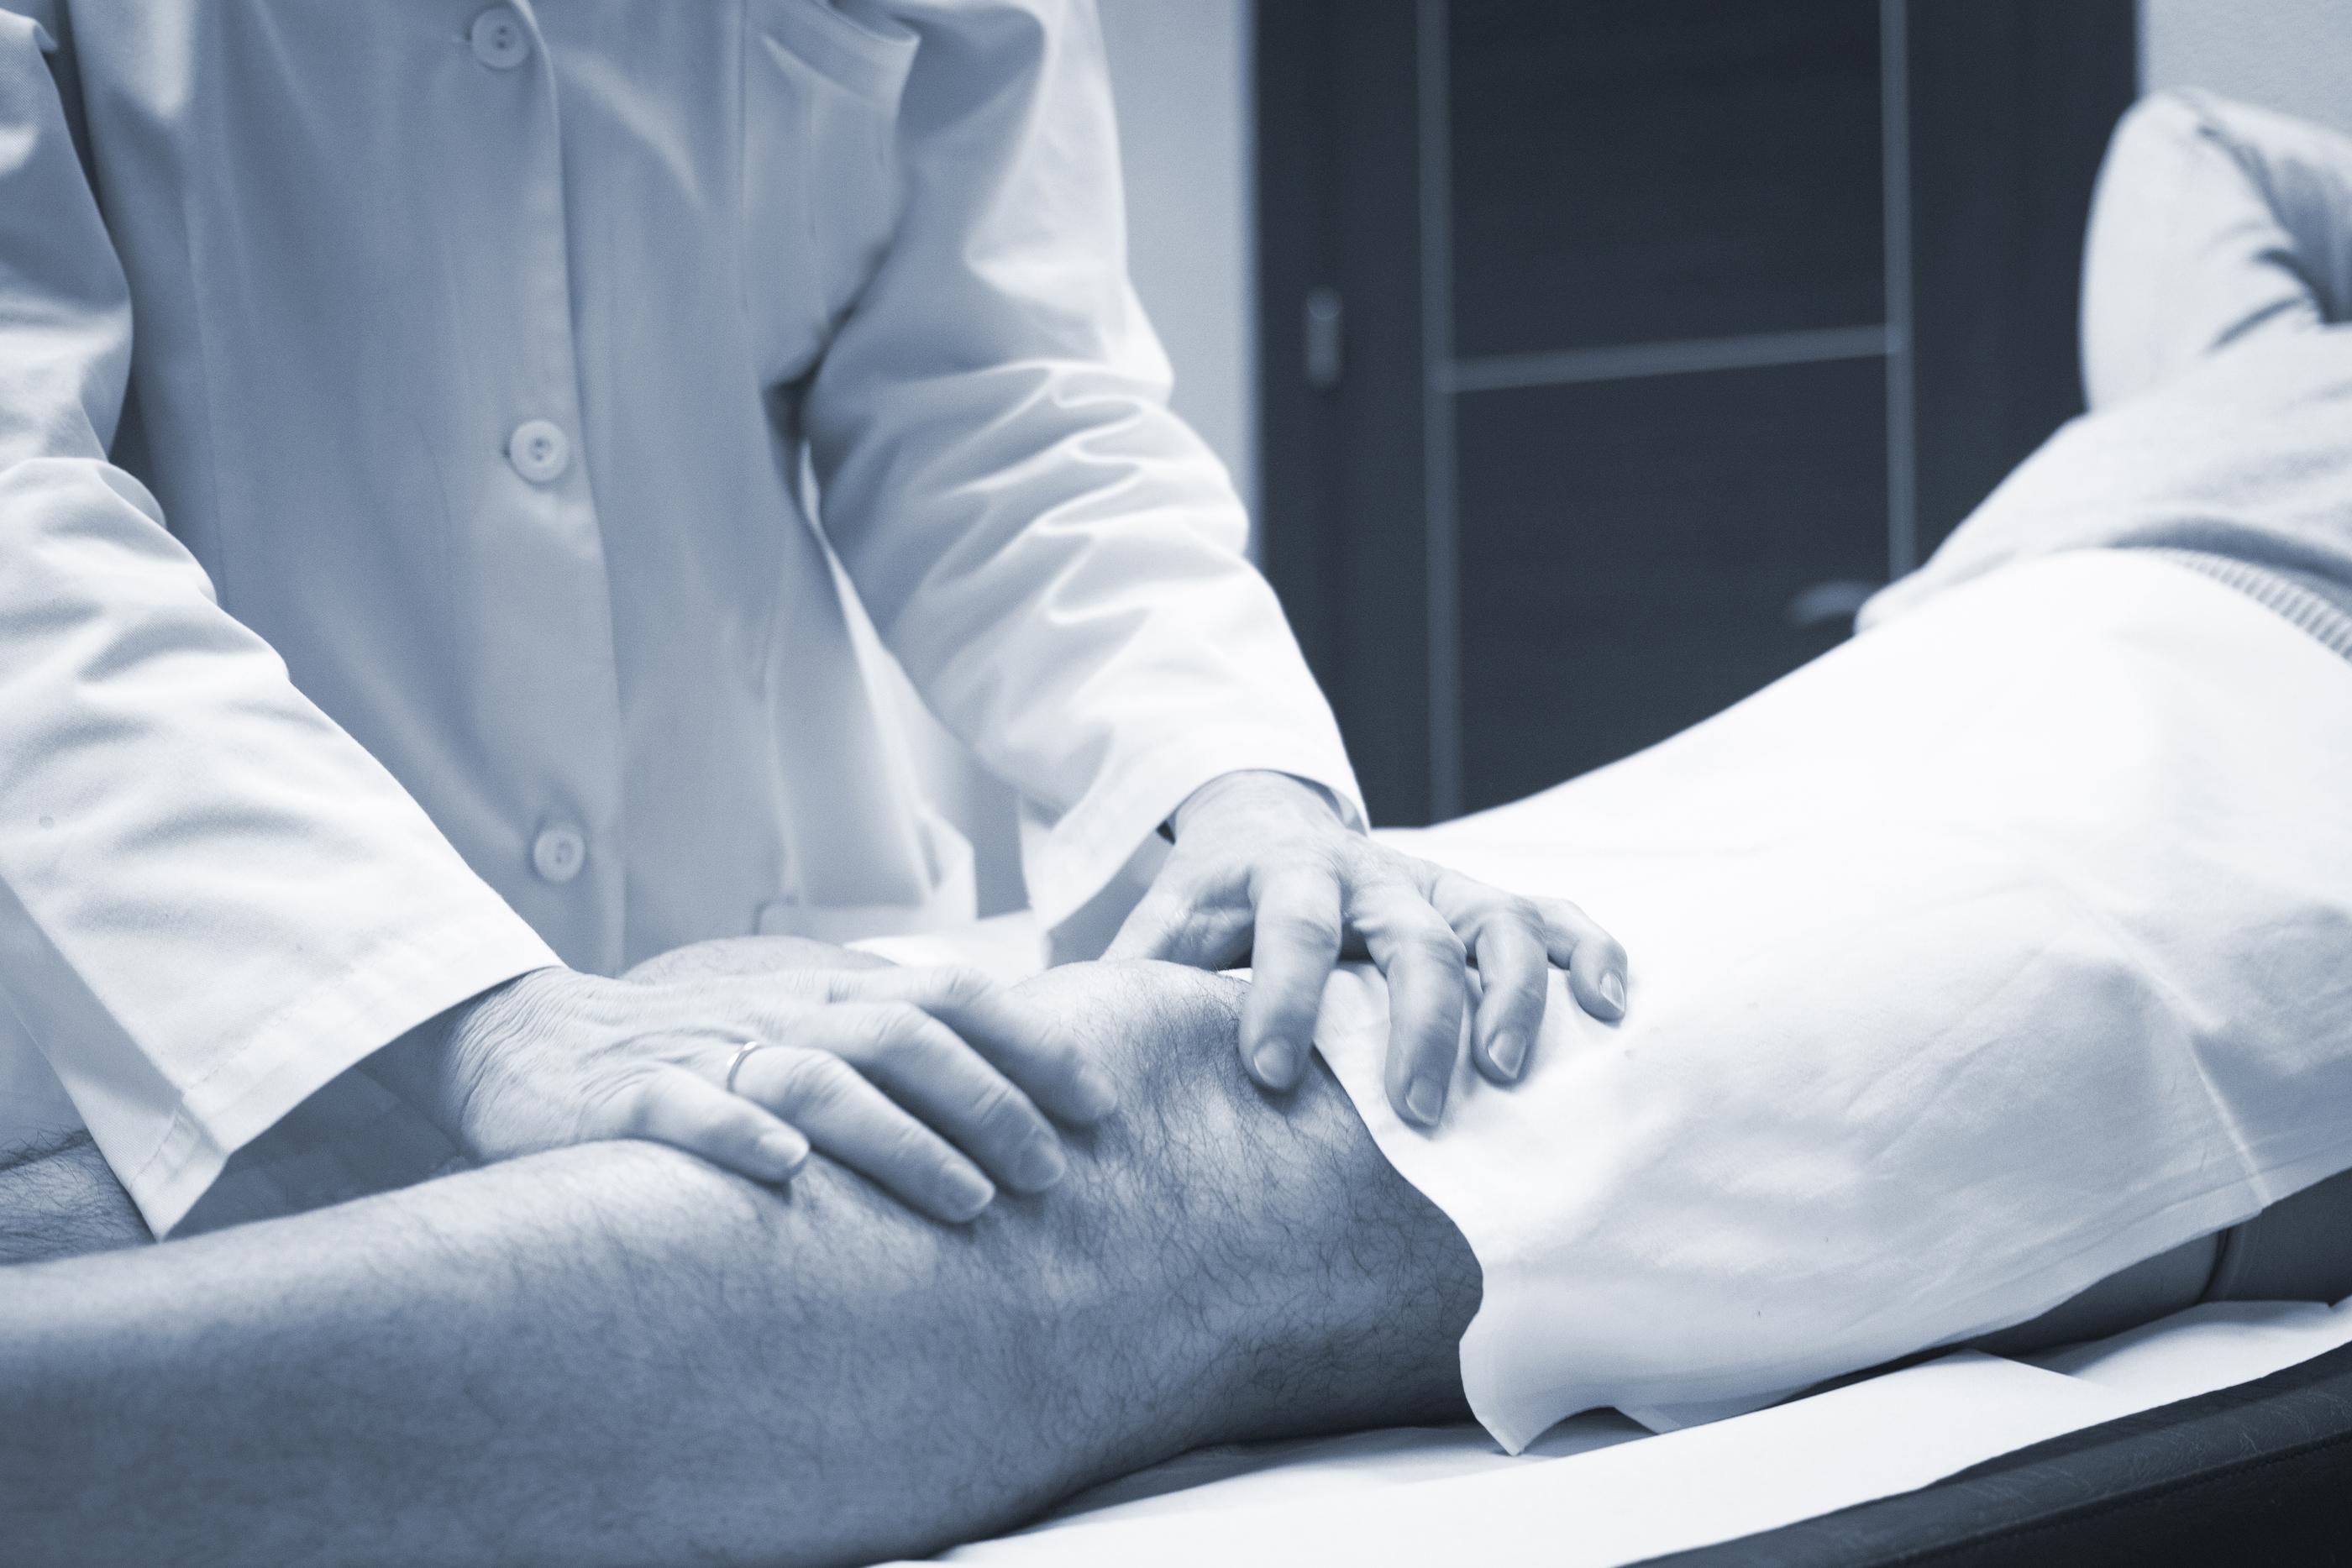 gydymas minkštųjų audinių sąnarių naudojant sąnarių skausmas